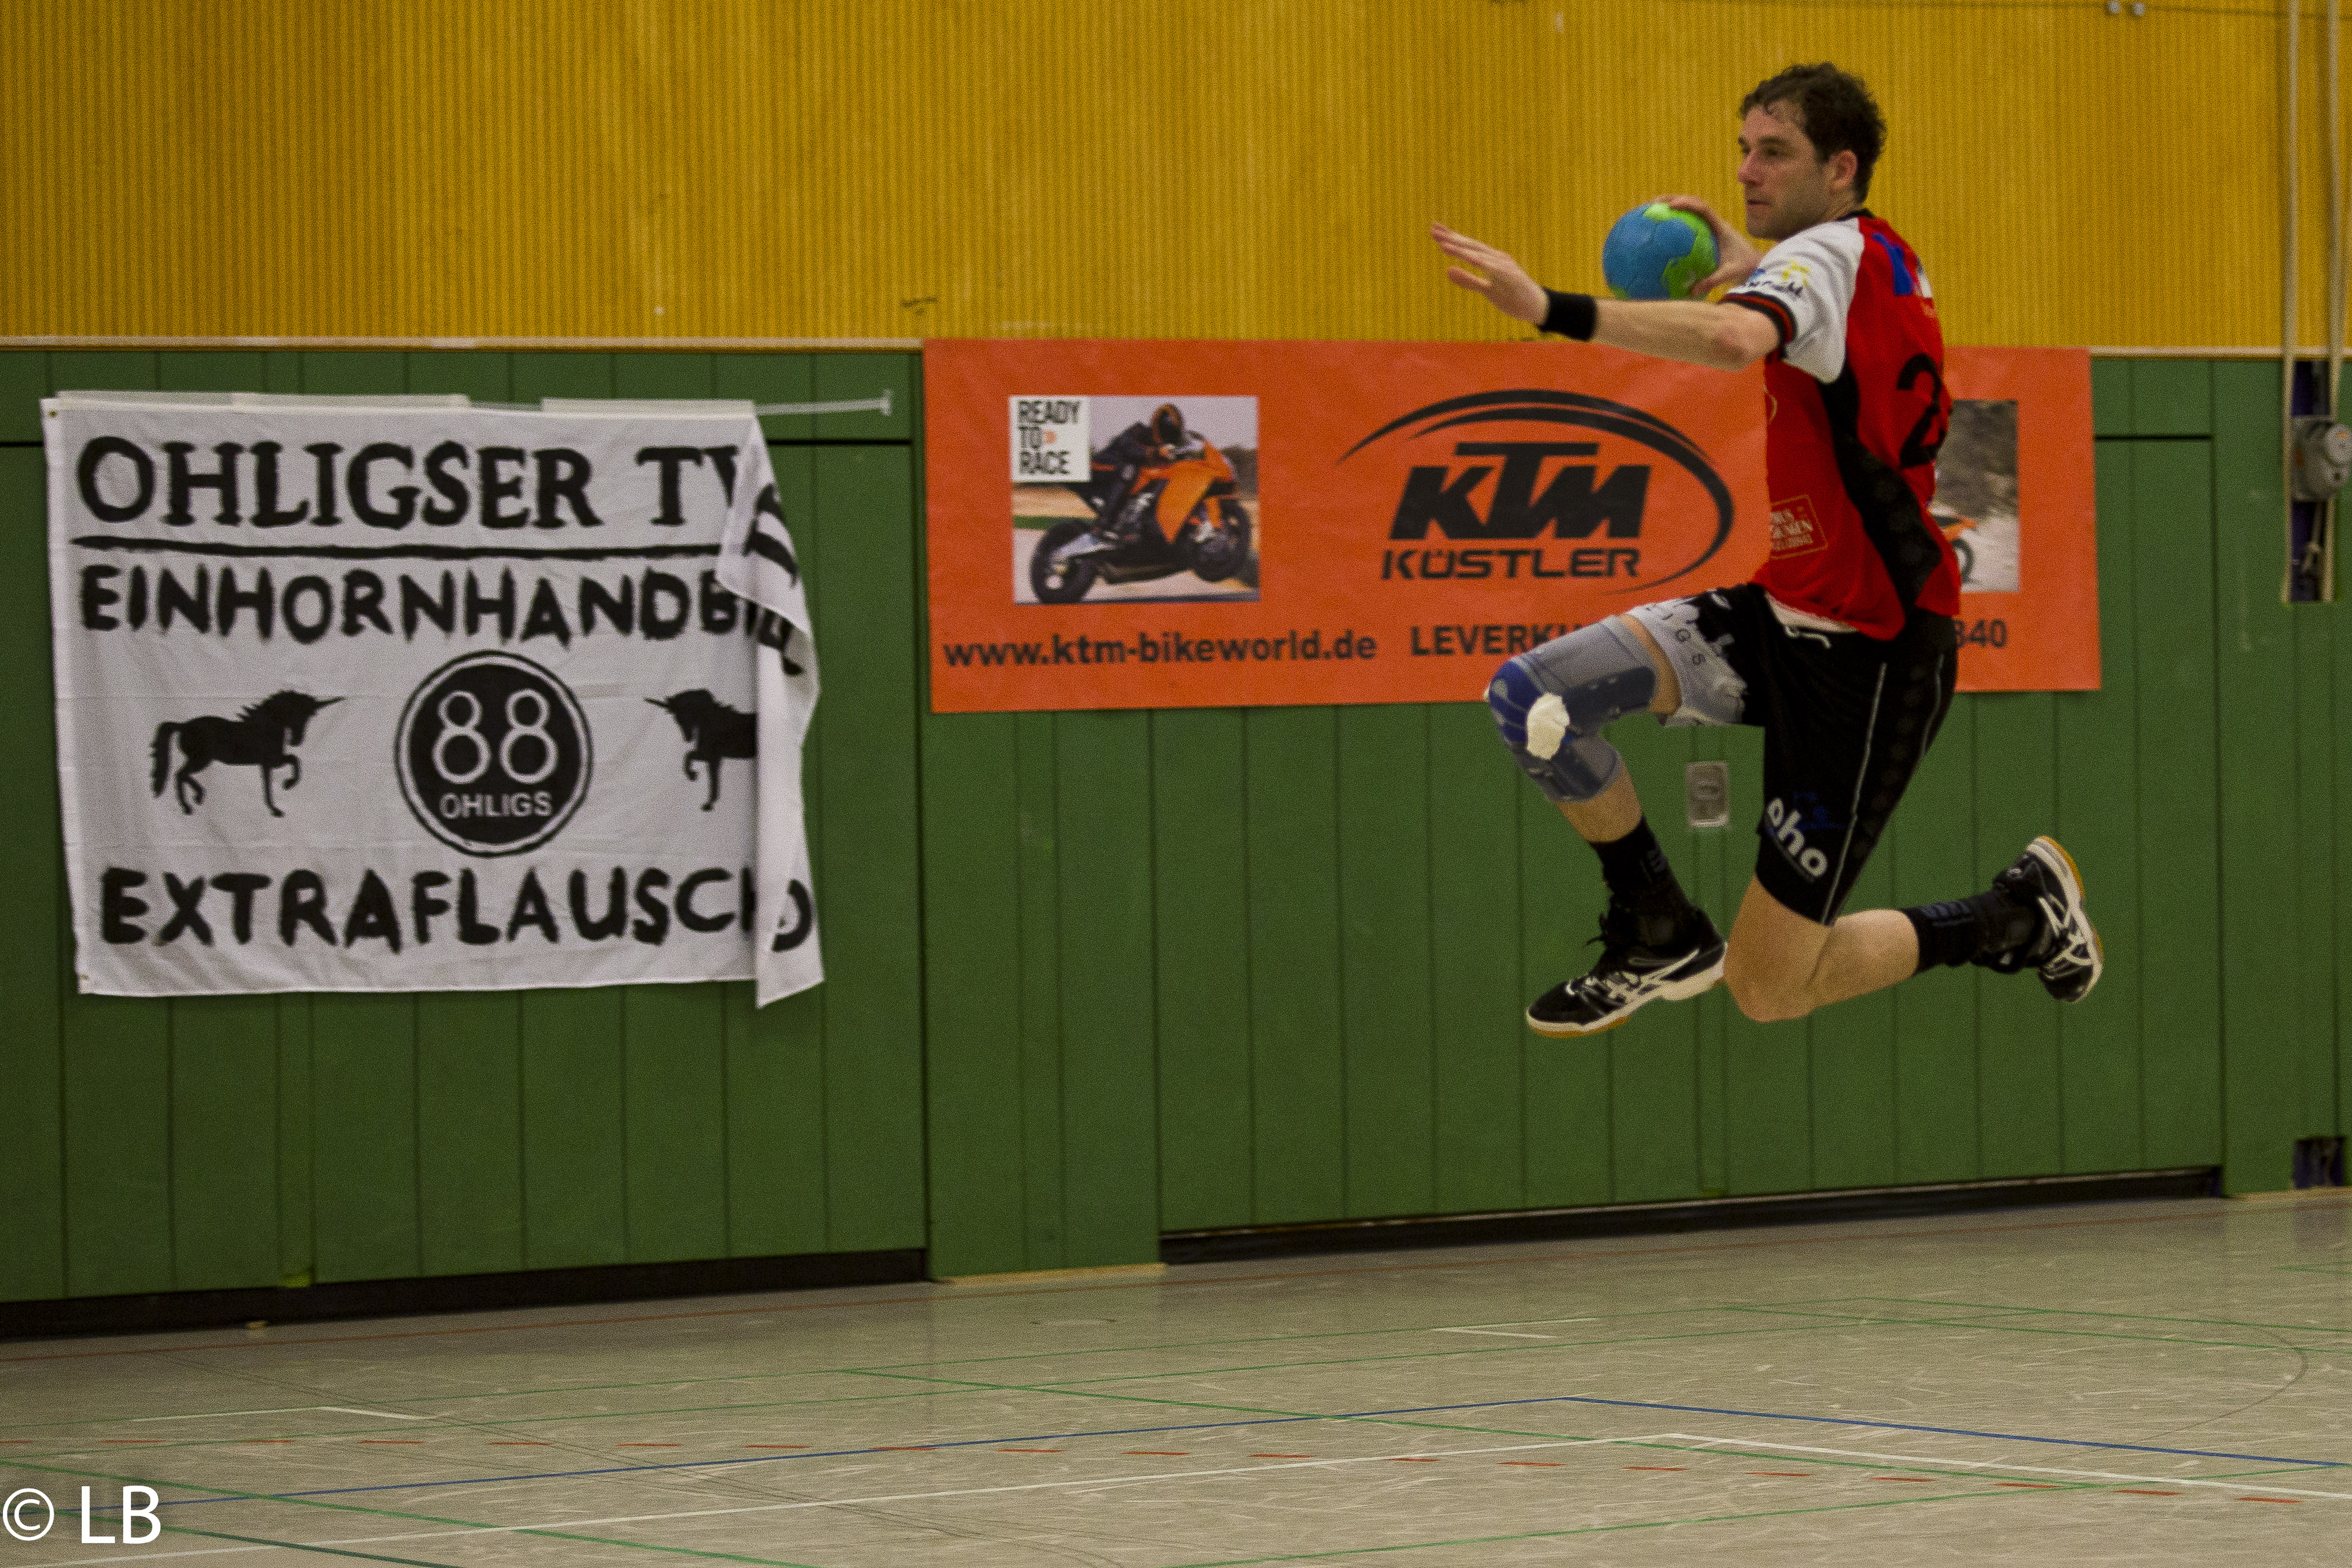 Handball: Spielbericht vom Wochenende 08-09.04.2017